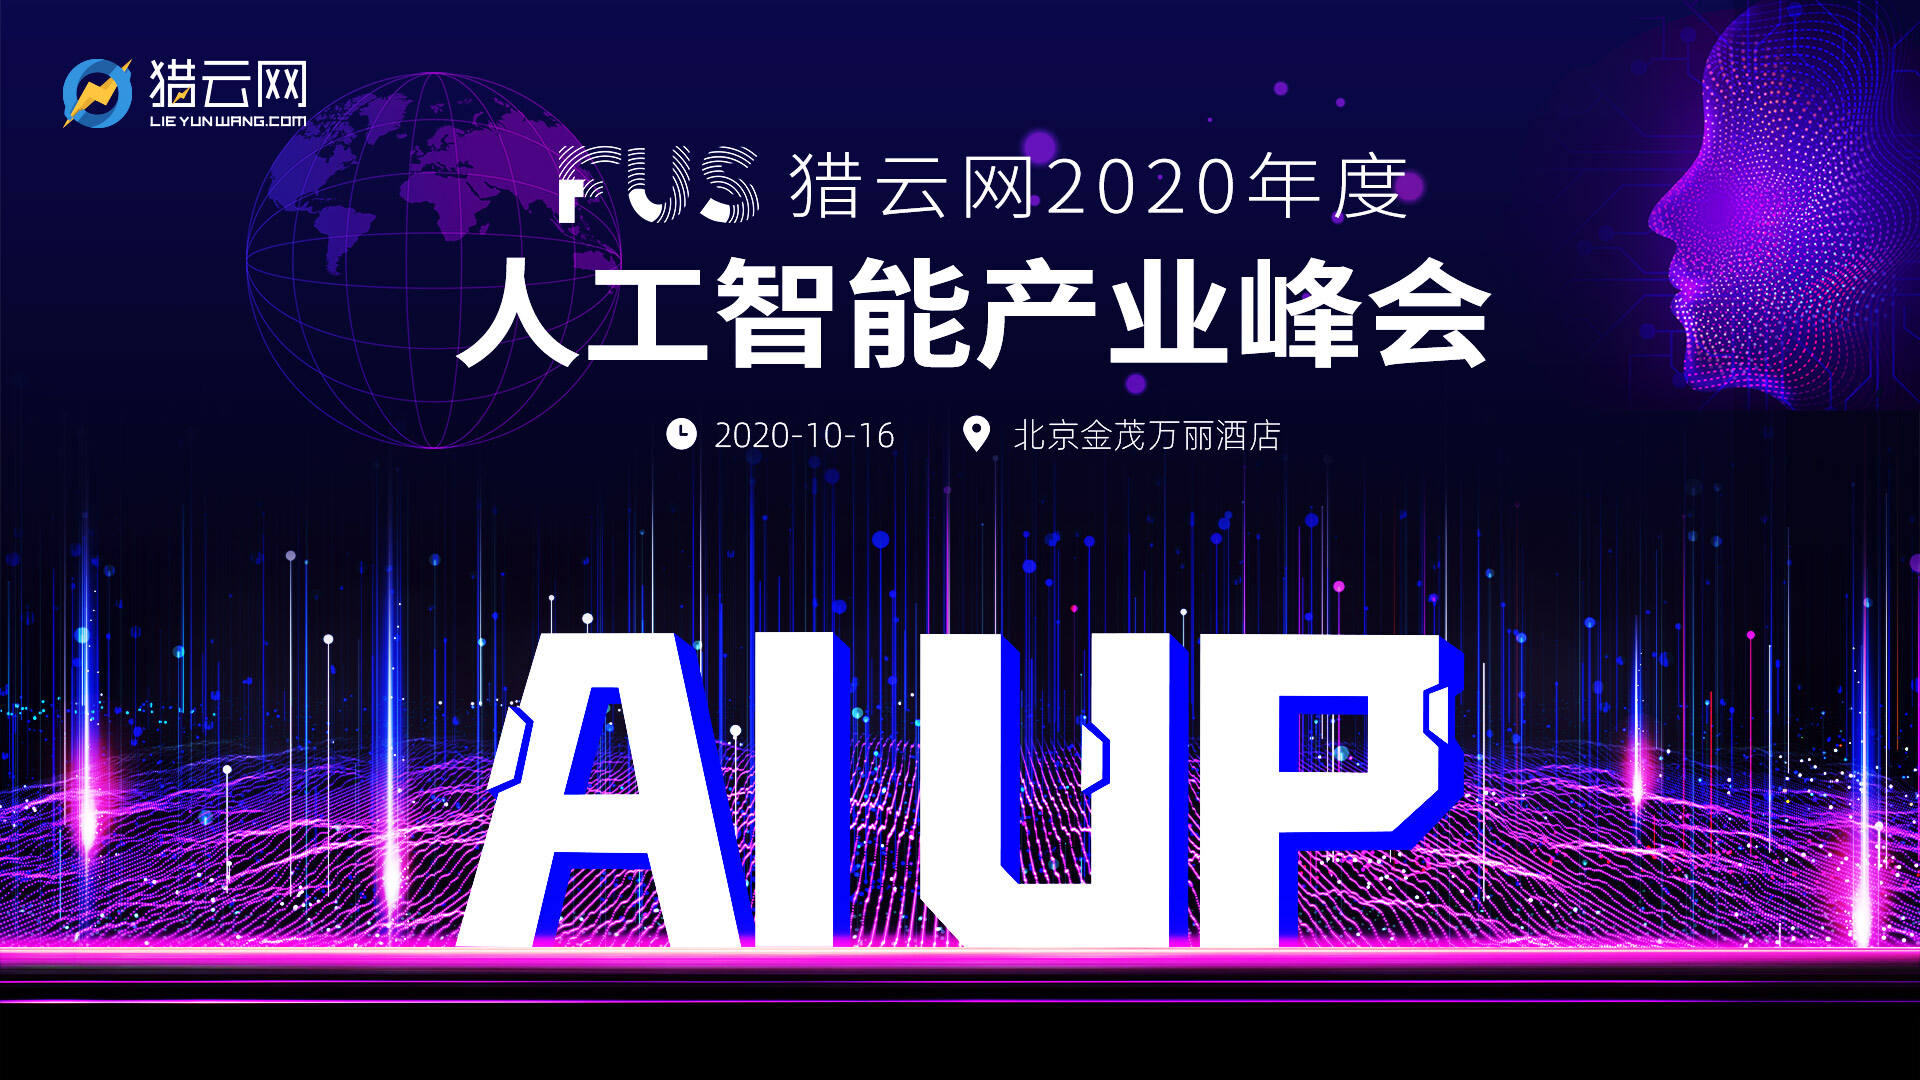 猎云网2020年度人工智能产业峰会